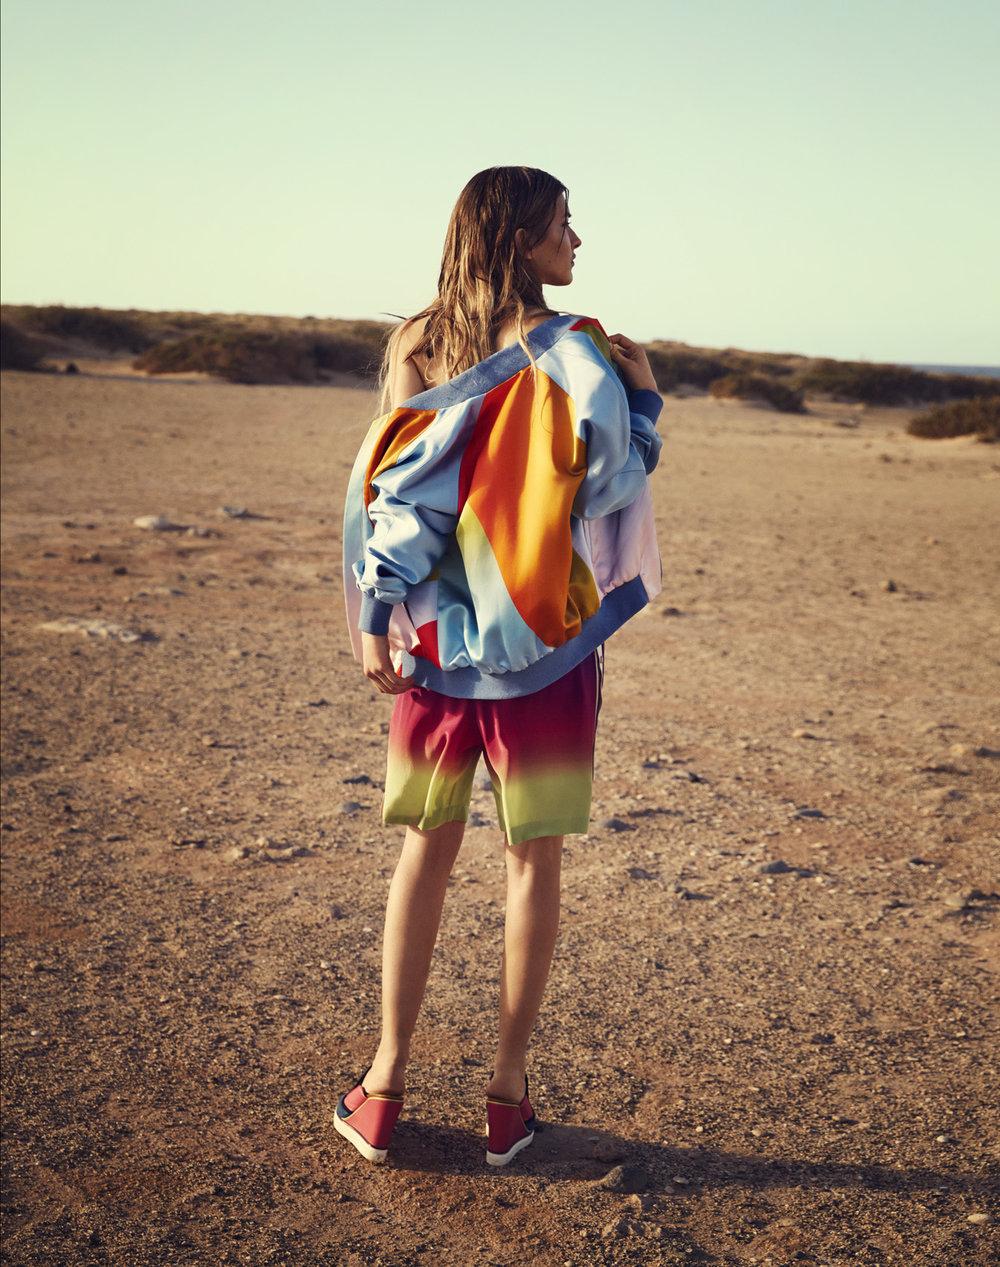 julia_kennedy_surfer_girl_10.jpg